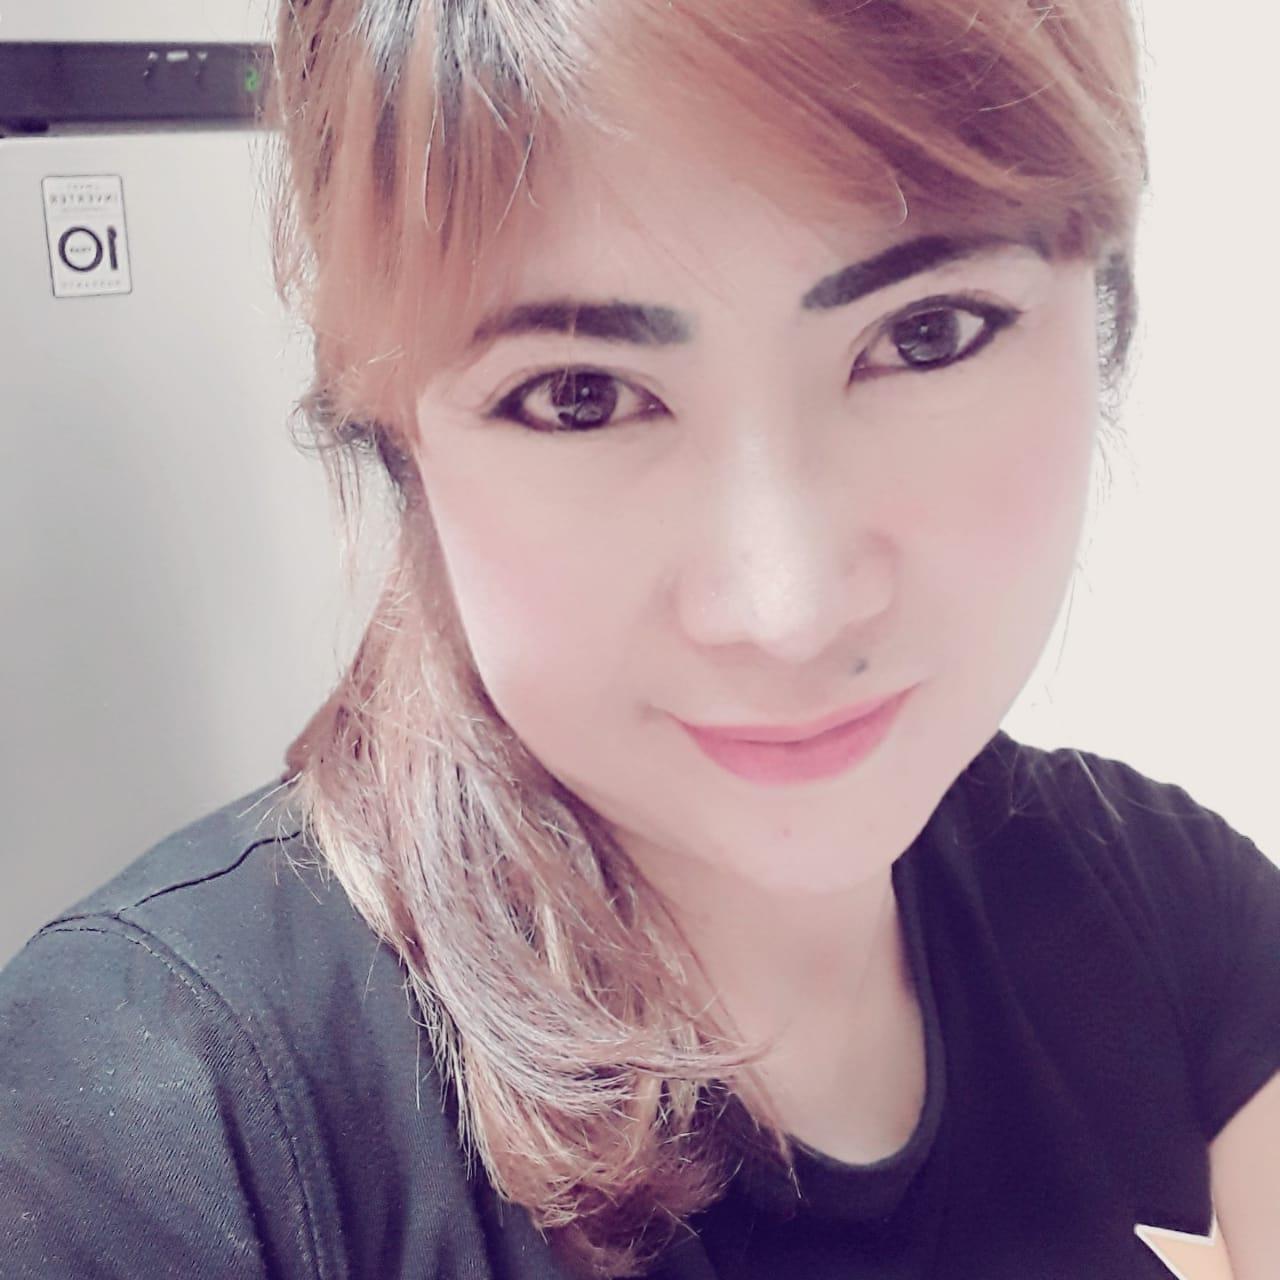 Roseline_IM_2018110507415310.jpeg